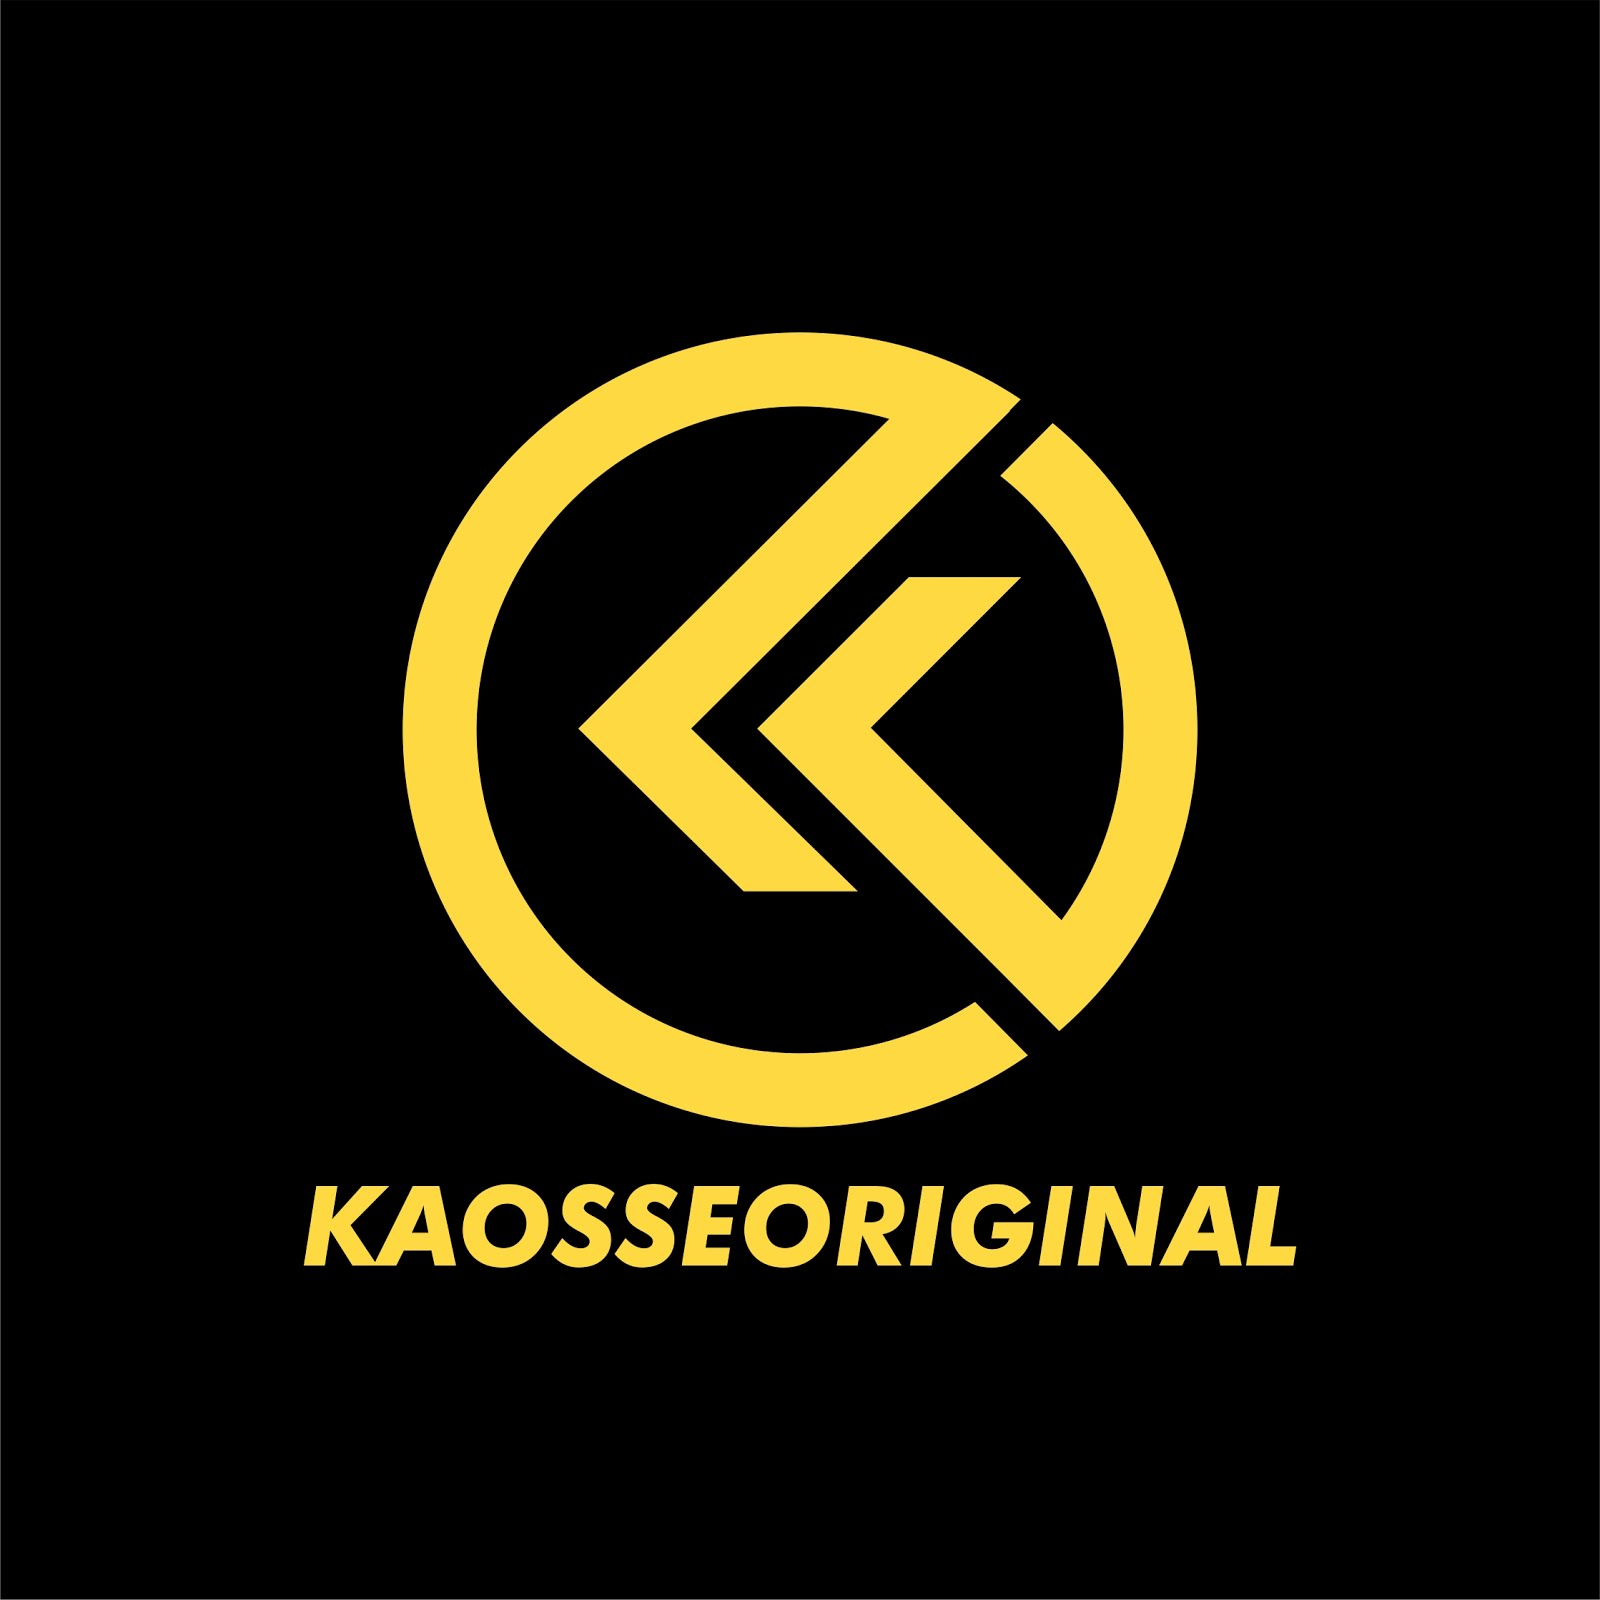 Kaosseoriginal.id | BAGI-BAGI KAOS GRATIS ! | Kaos Desain Suka-suka |